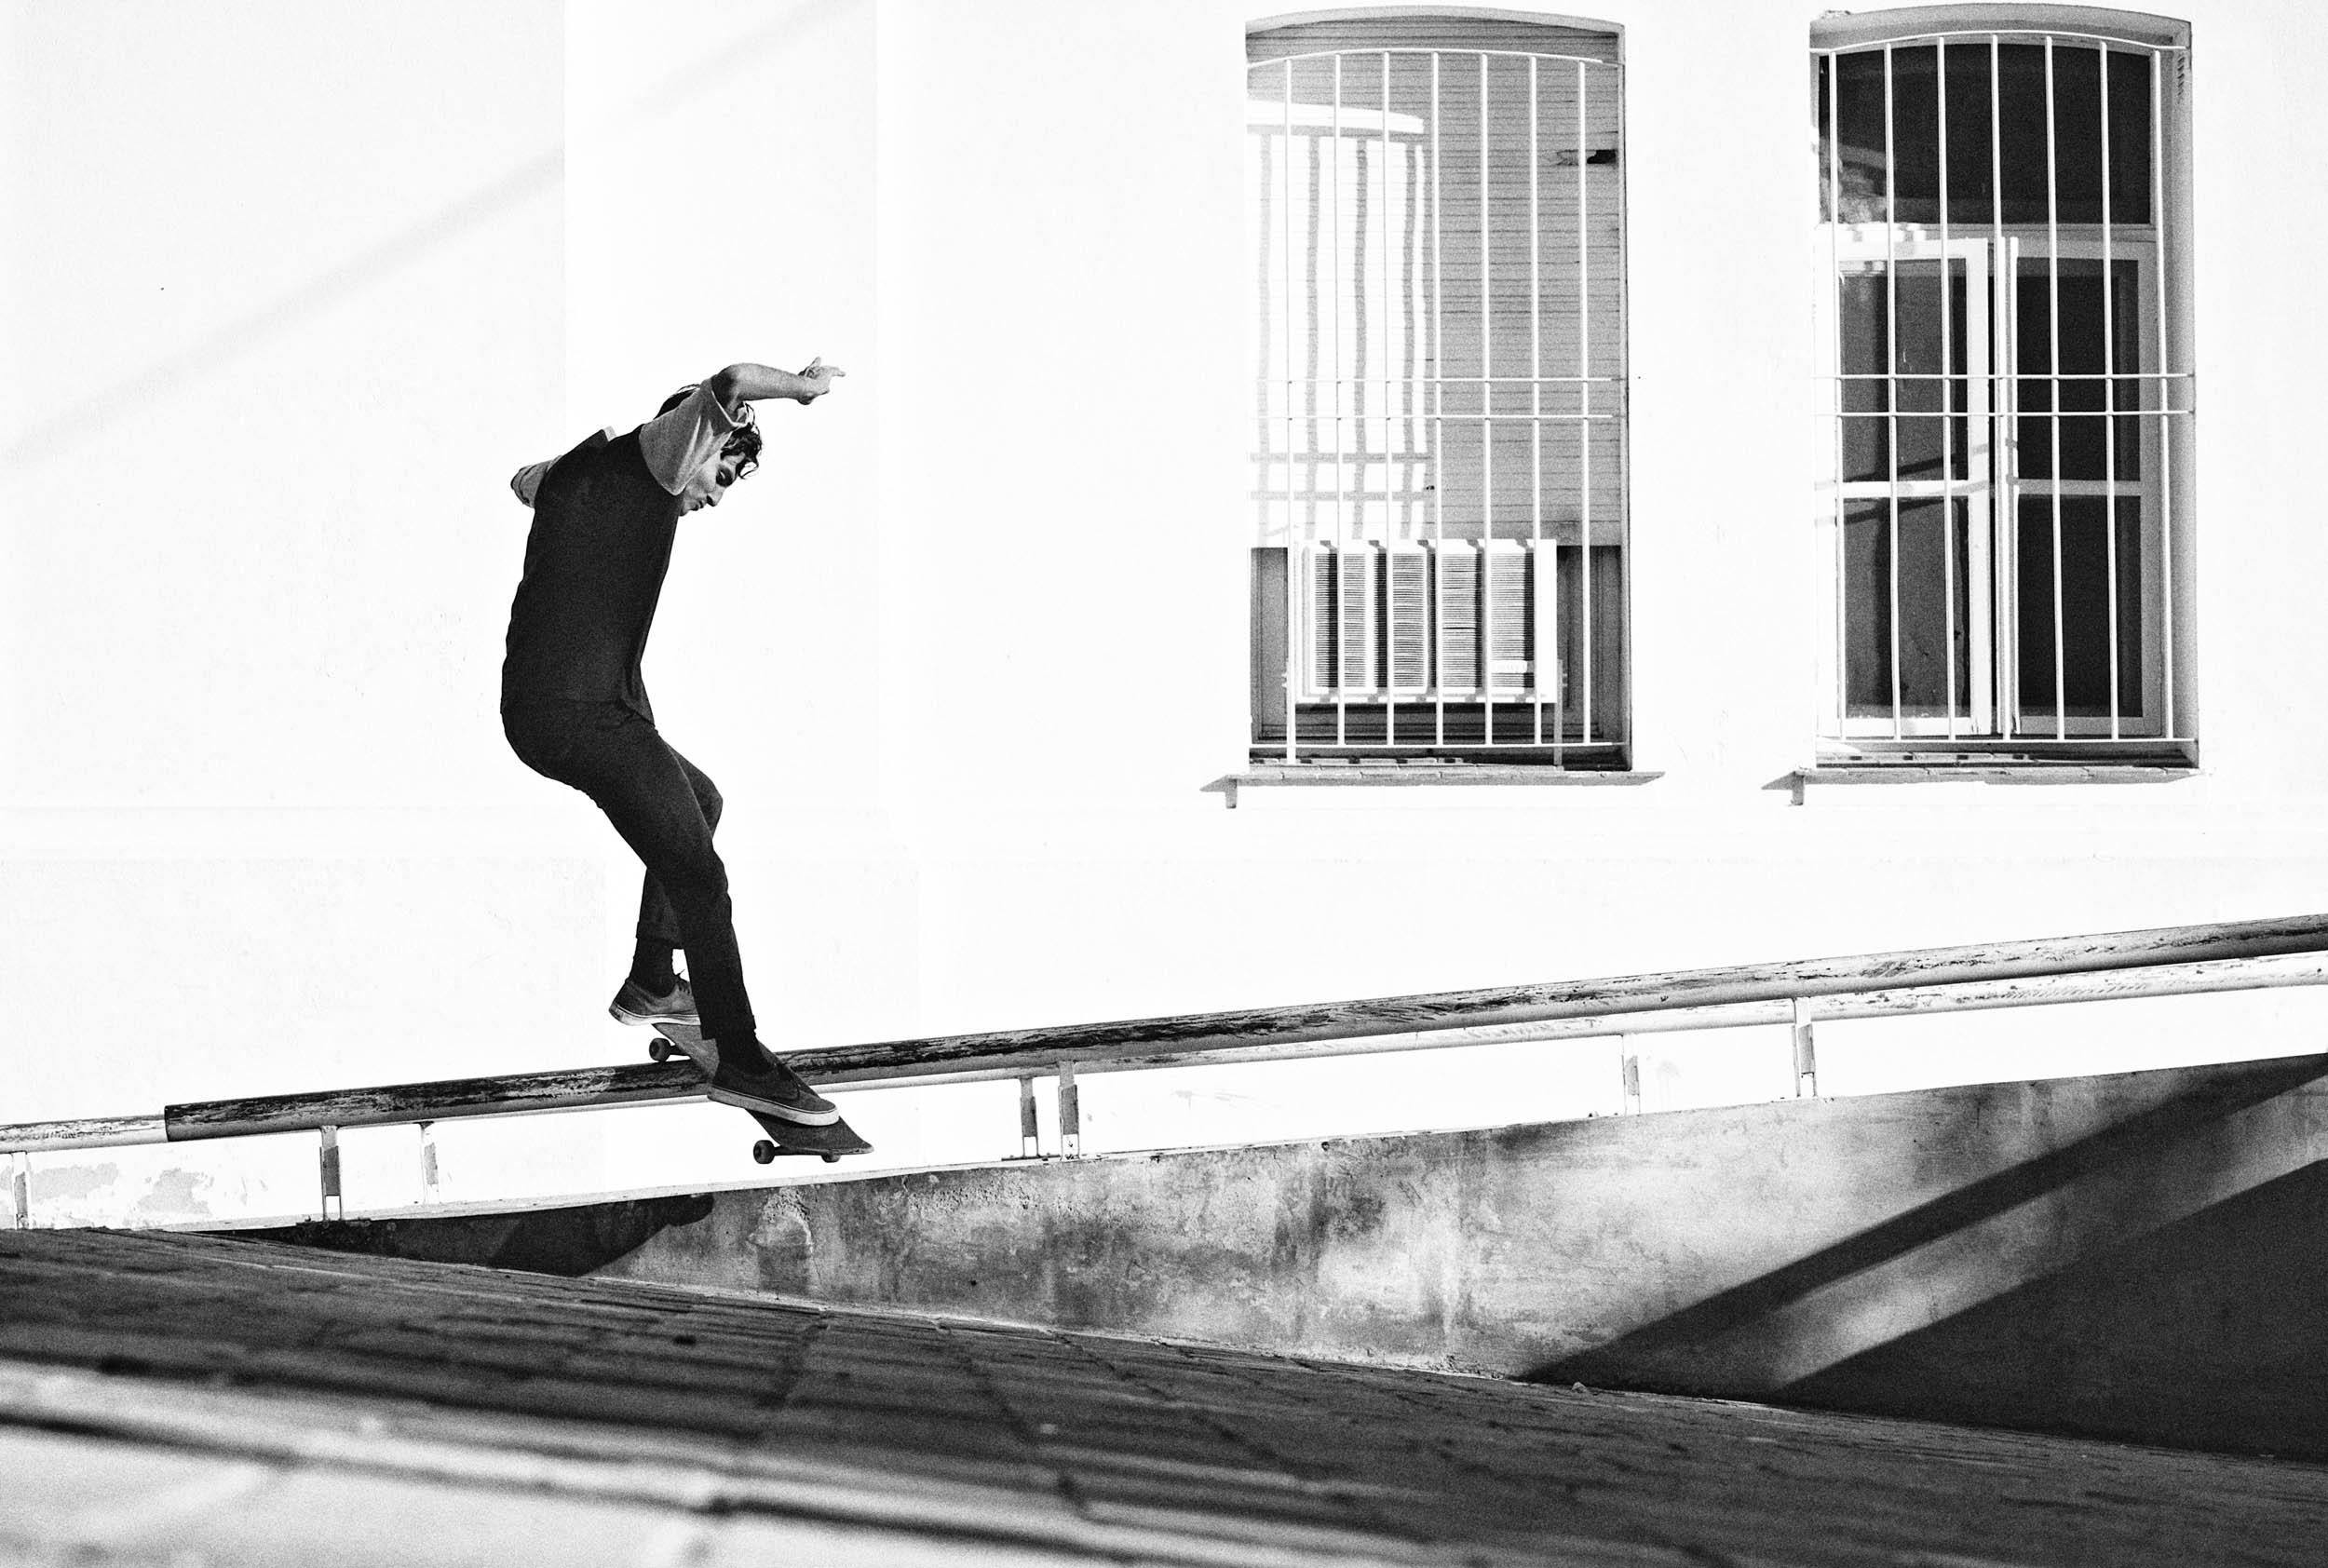 skate-martin-erd-photo-CN8K7261_sw.jpg